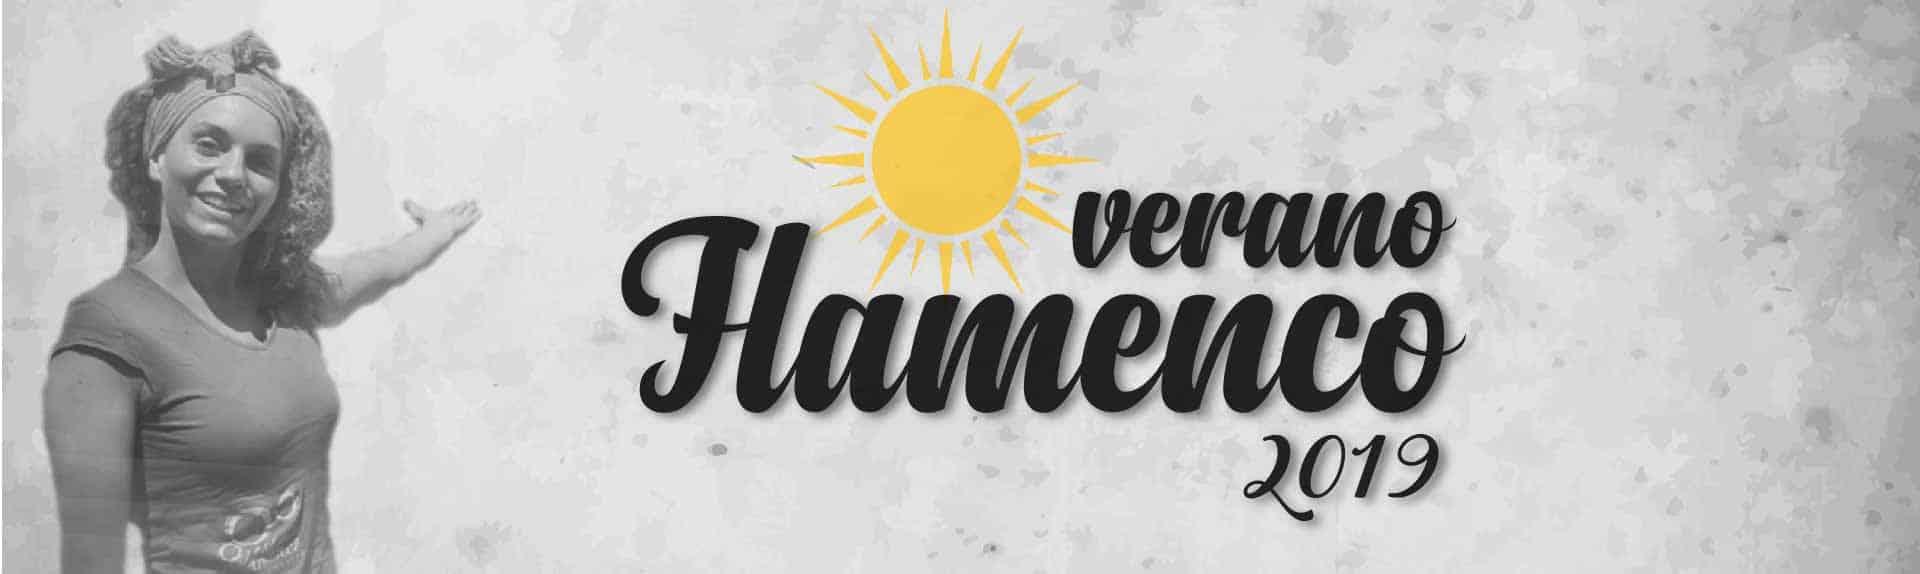 flamenco verano 2019